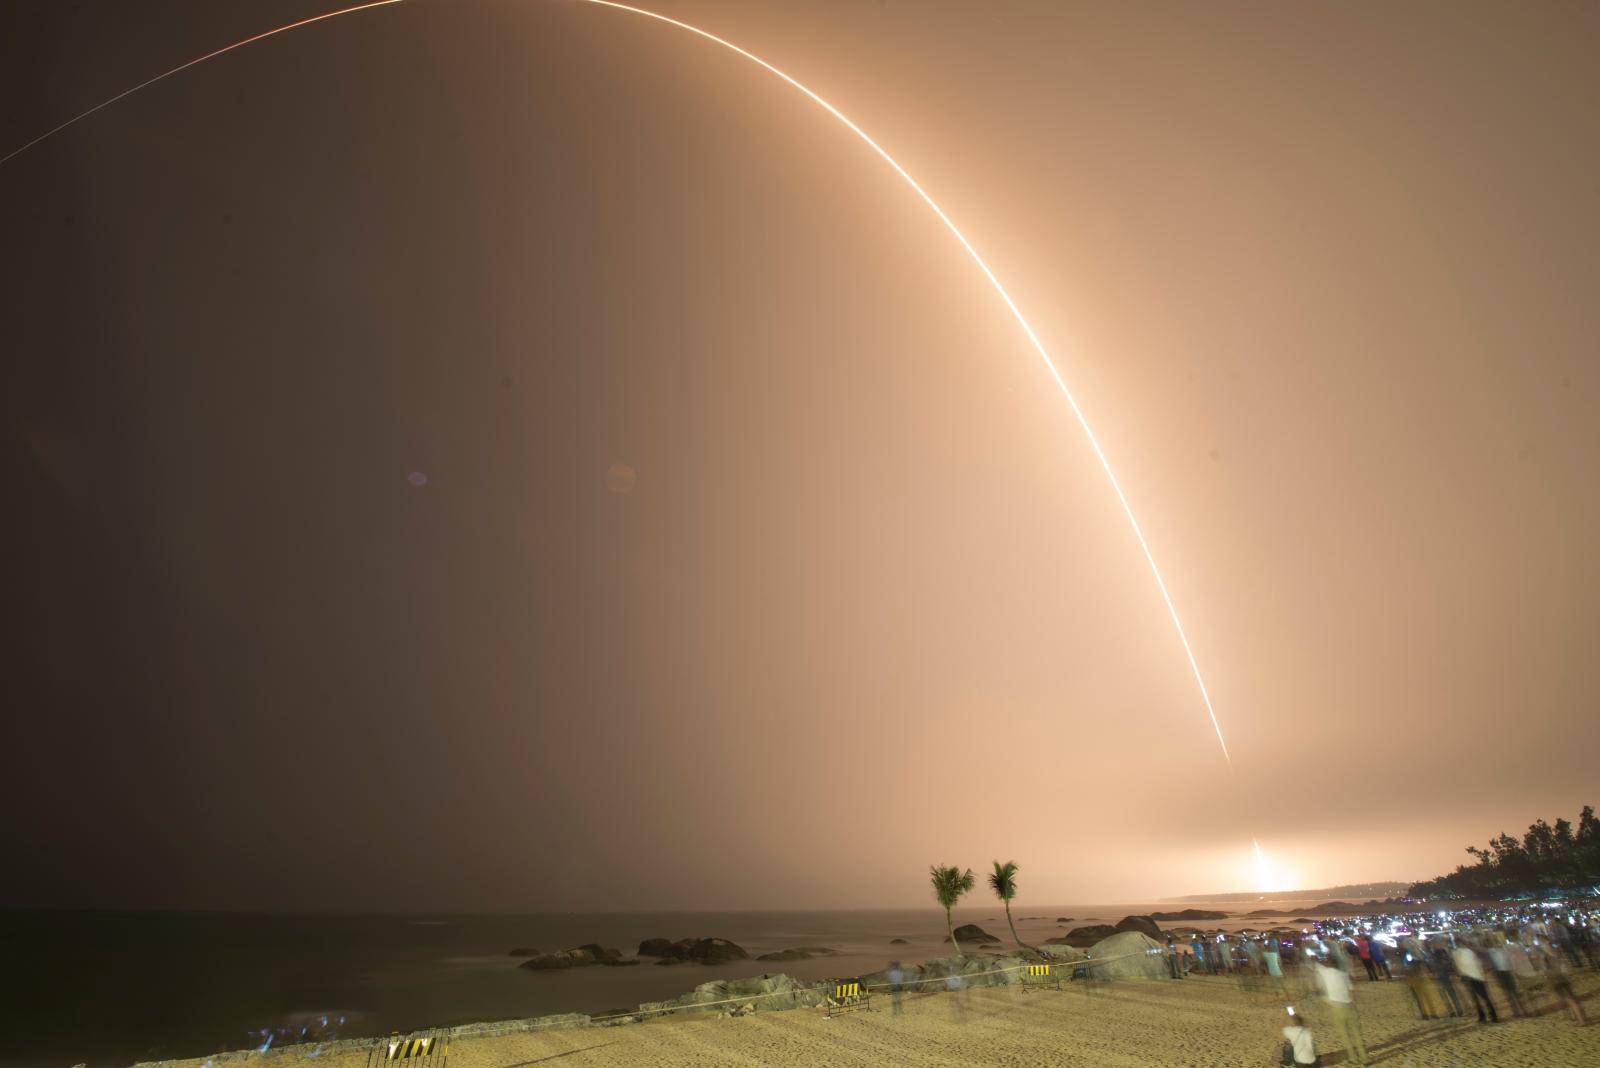 Tianzhou-1 China space program